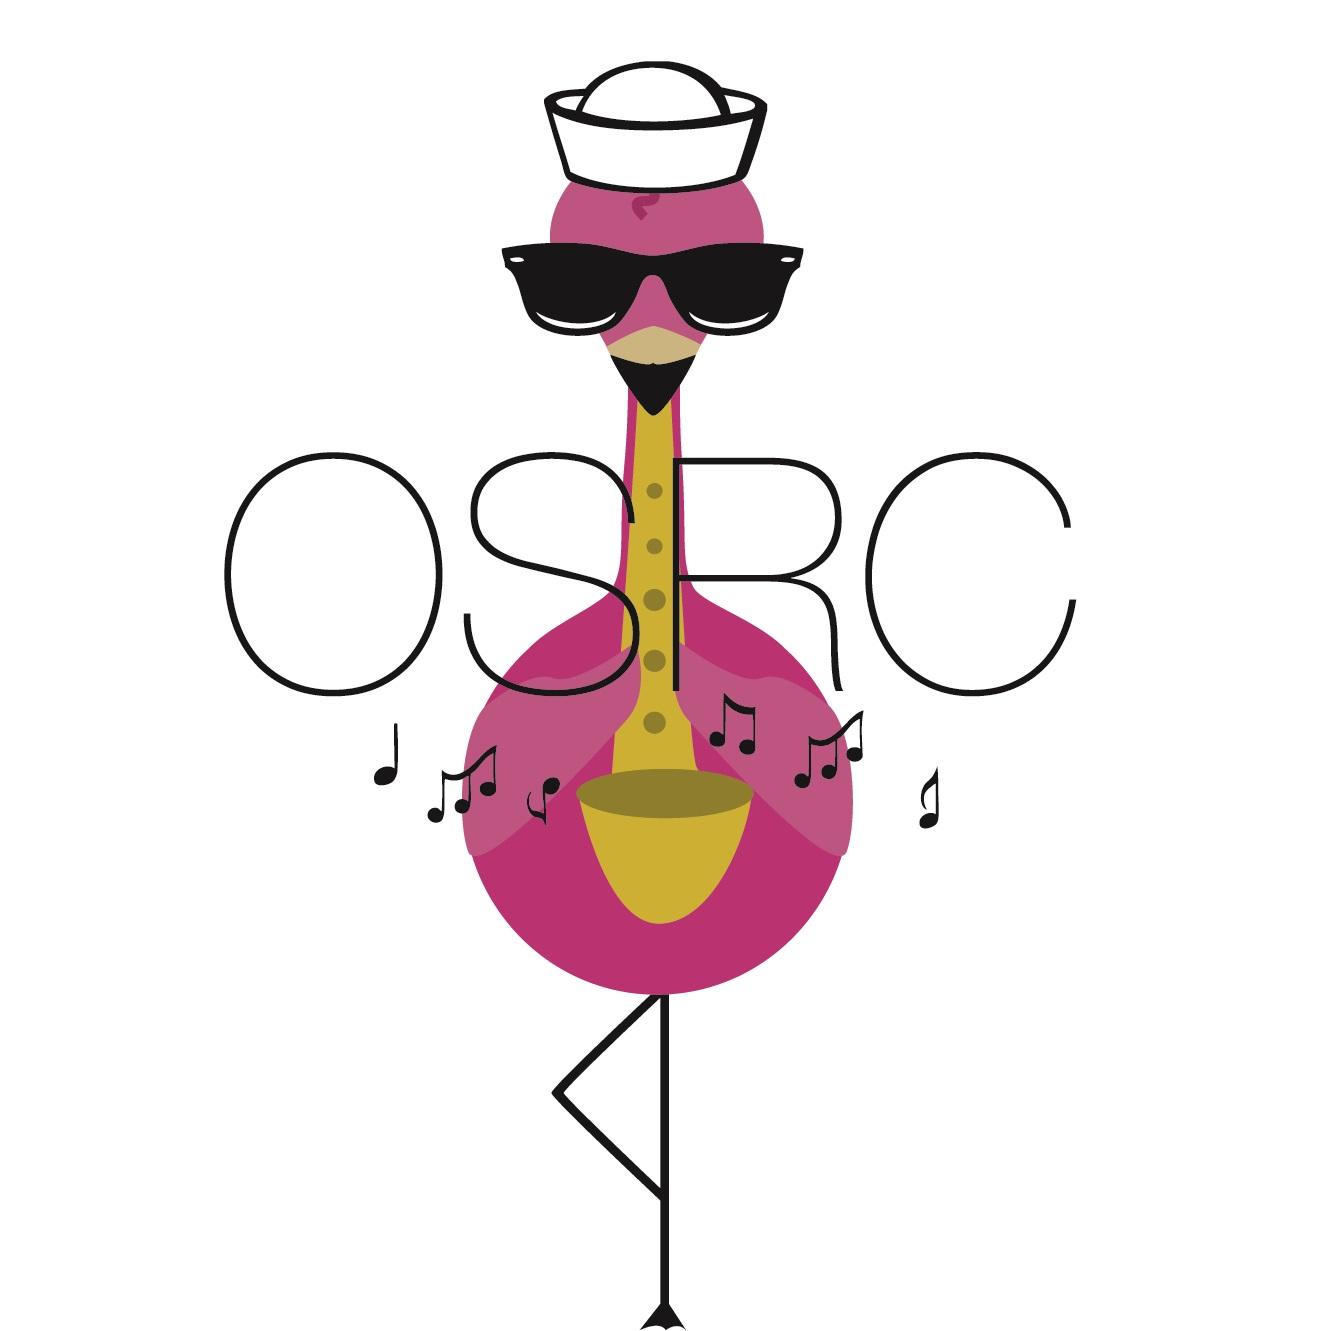 OSRC Flamingo_no_ext